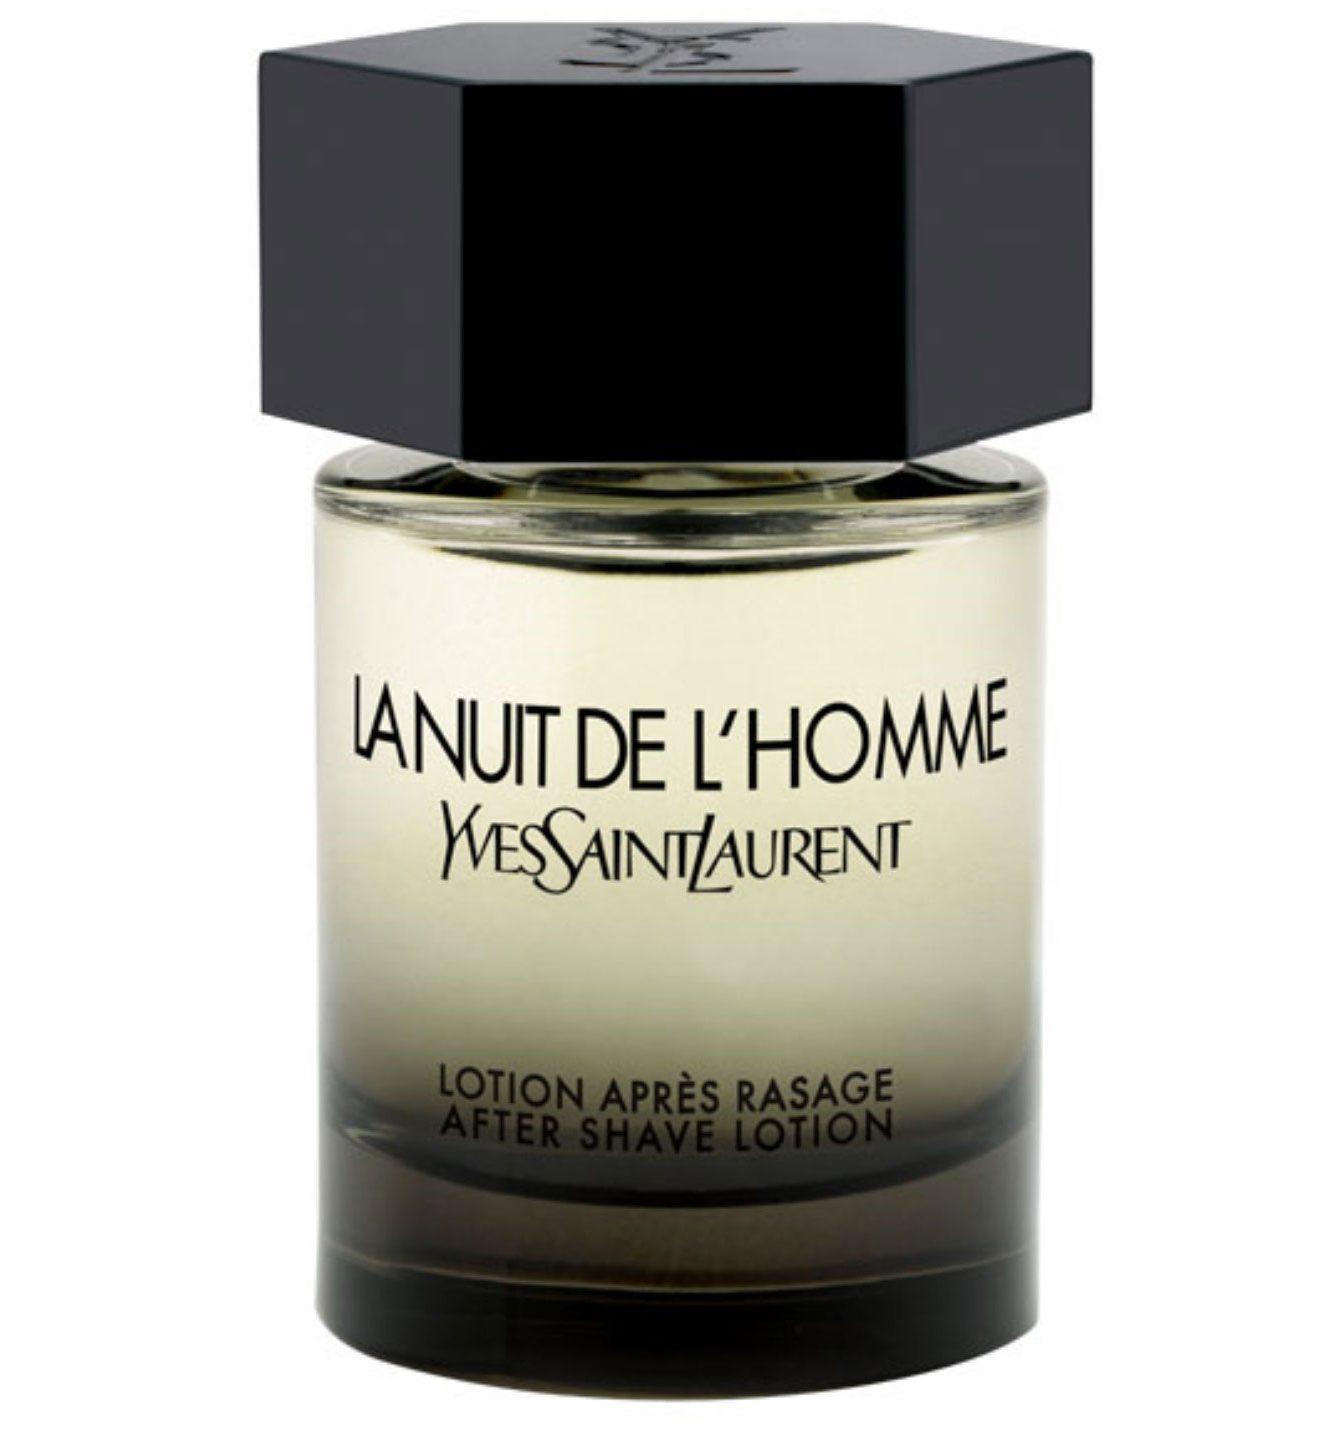 Yves Saint Laurent - La Nuit De L'Homme After Shave Lotion 100ml